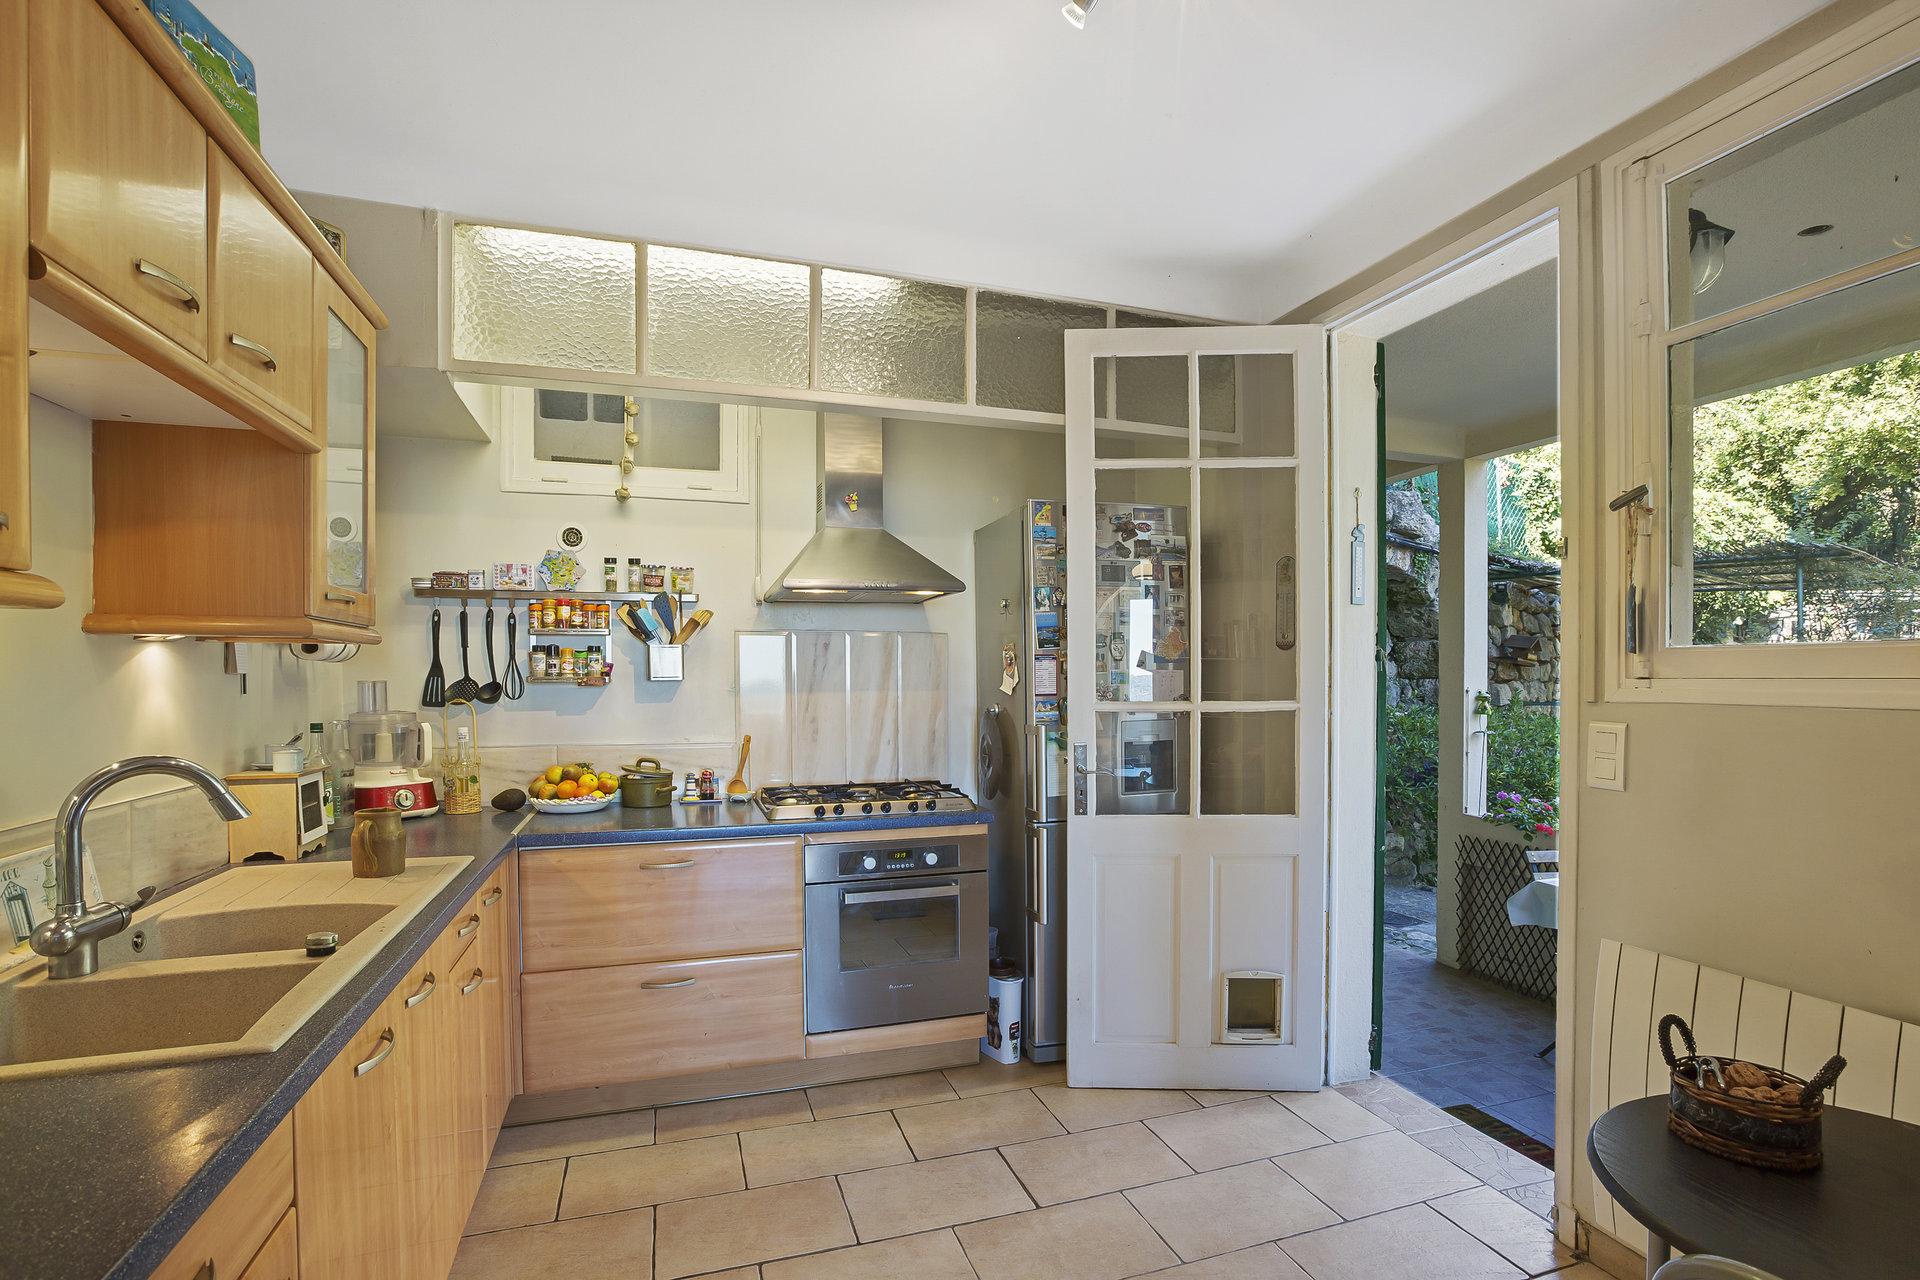 Sale Apartment villa - Grasse